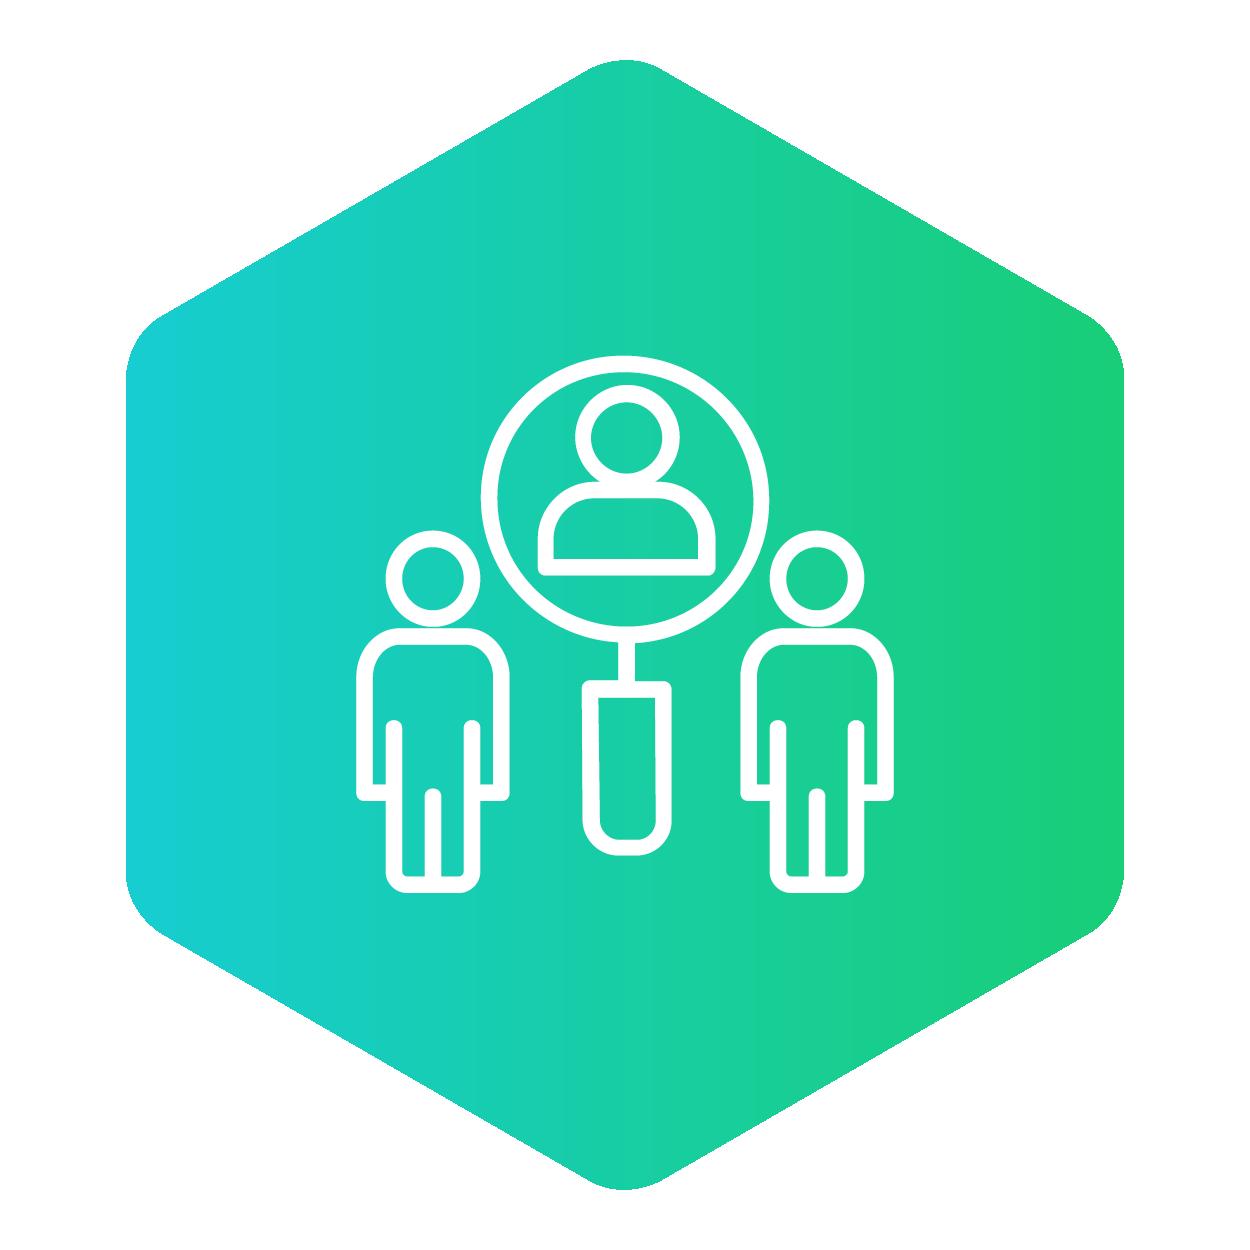 hexagon_recruitment.png